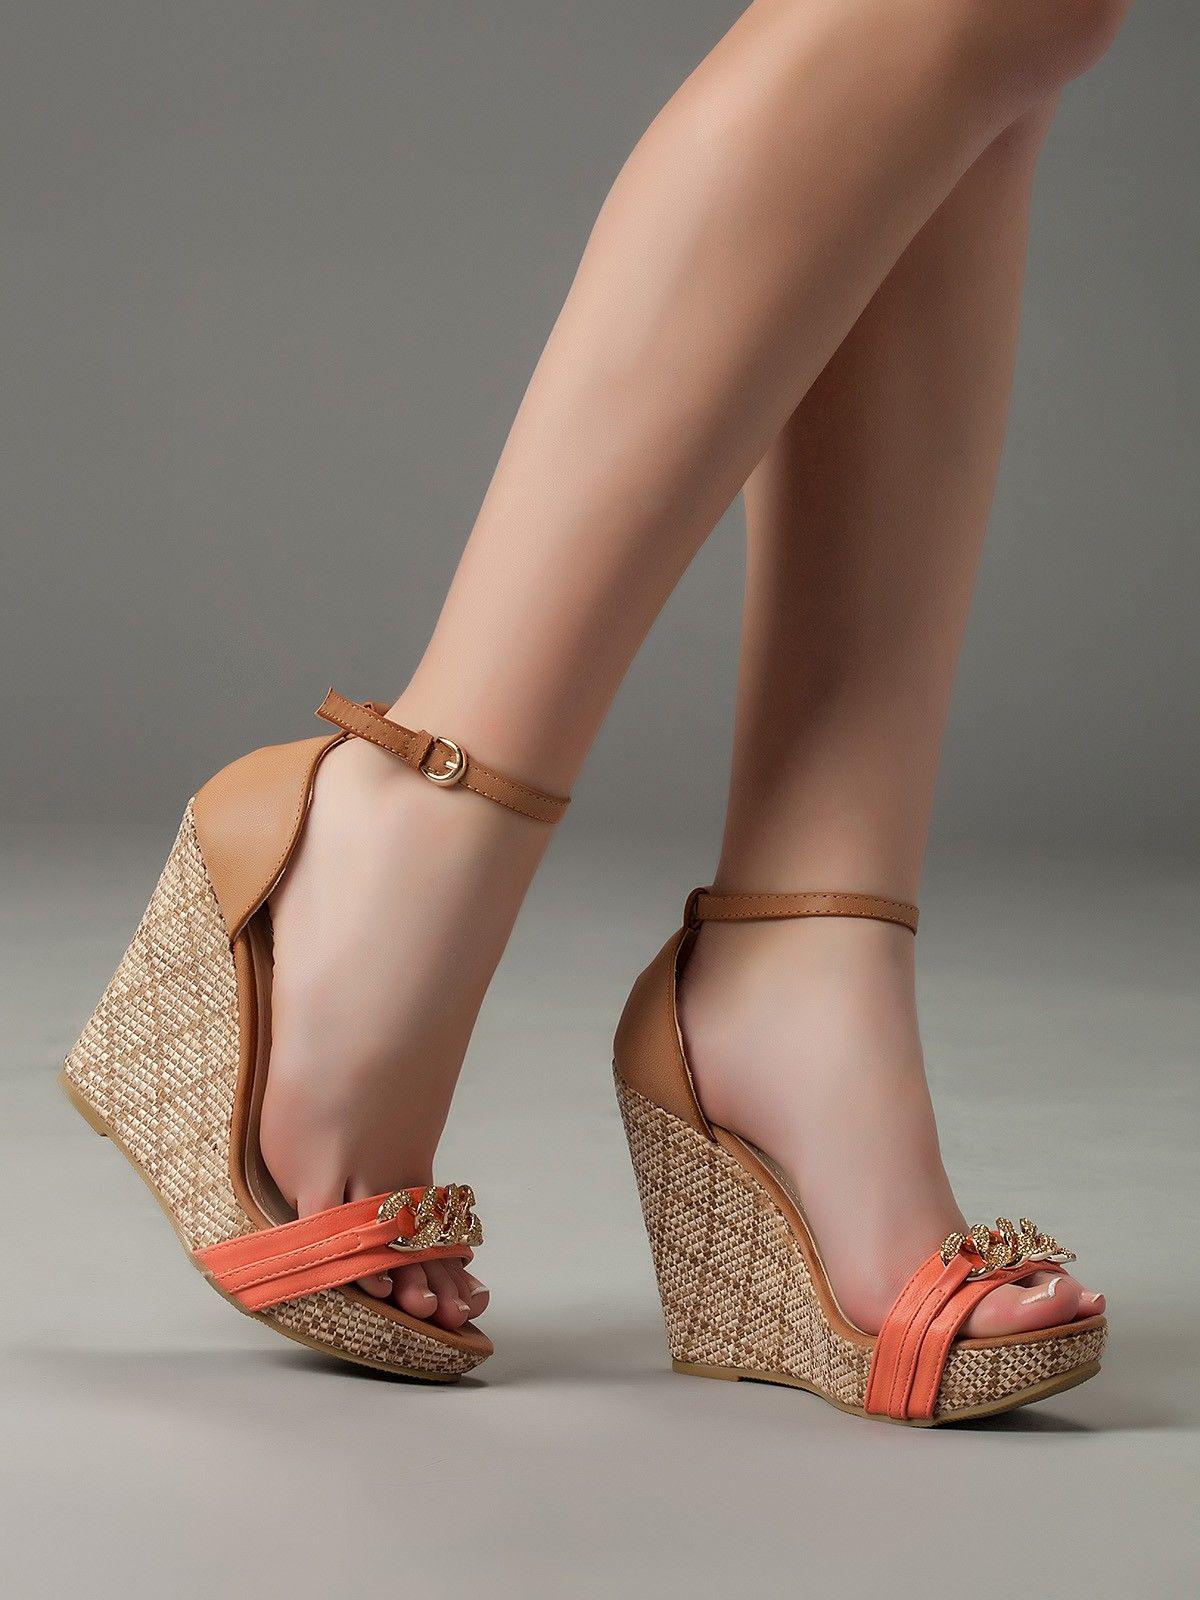 Sandalias Plataforma Cuña Coral Z097 | Tacones, Zapatos